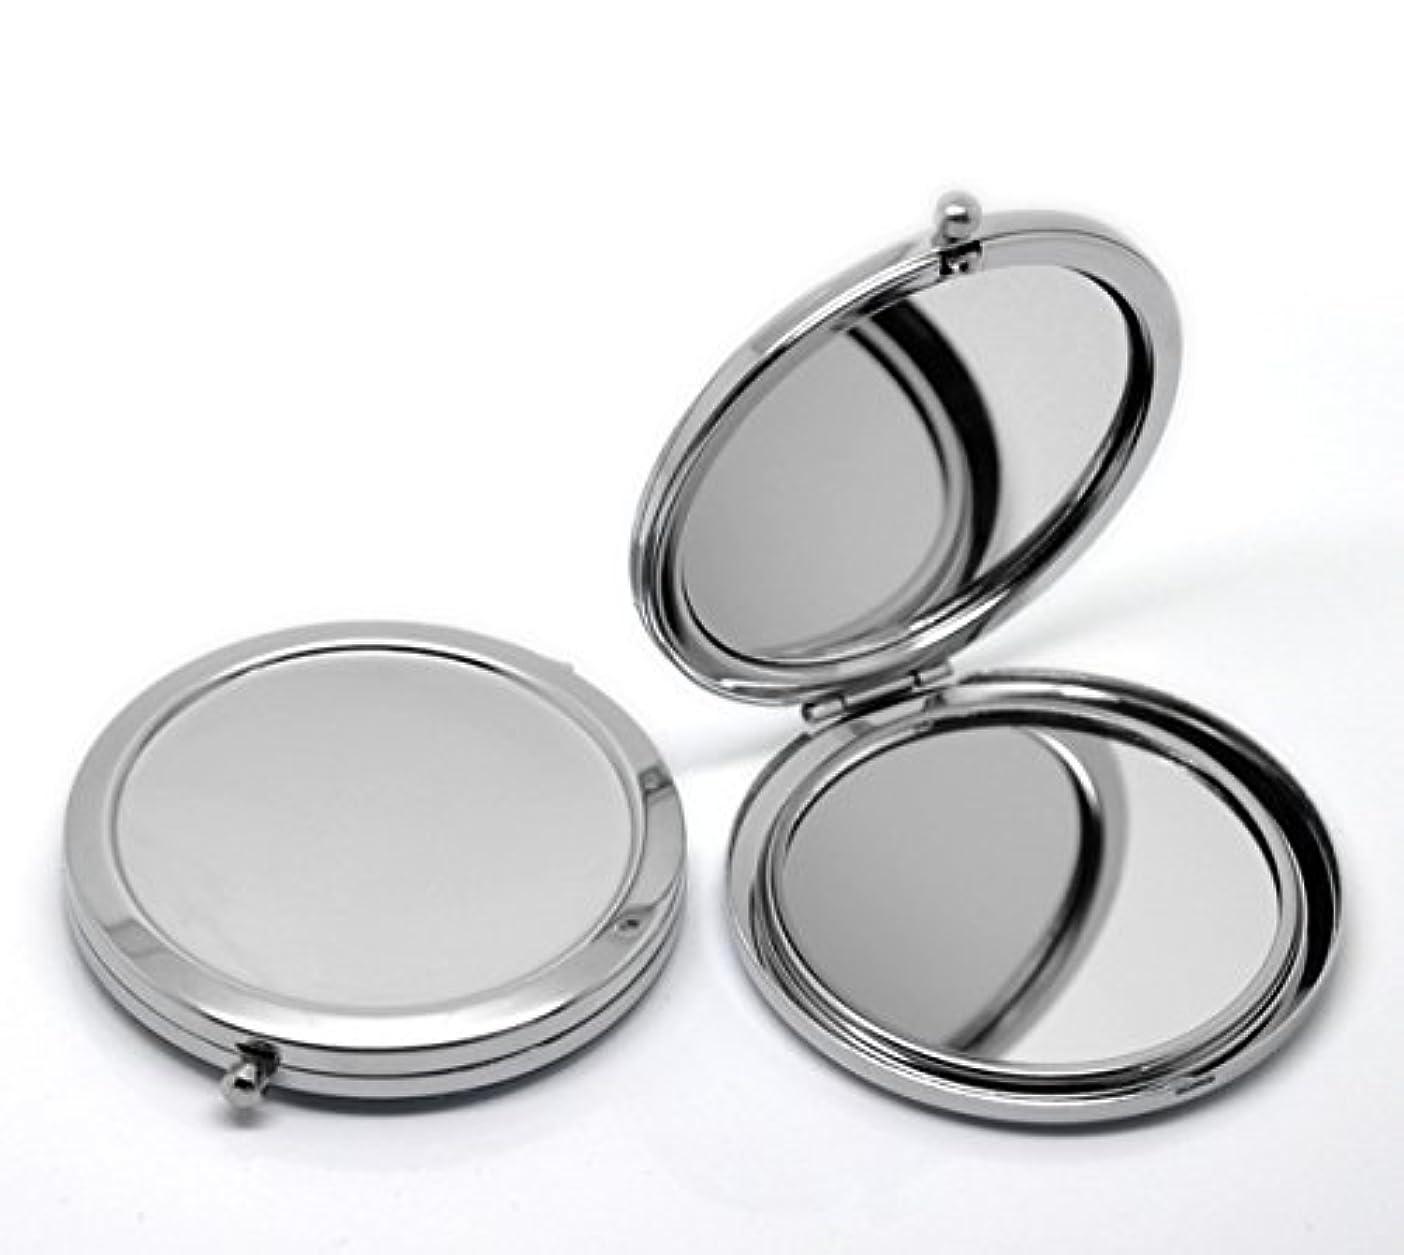 敬意オーガニックタールHOUSWEETY 無地コンパクトミラー プチ手鏡 ハンドミラー 携帯ミラー 丸型 化粧箱入り 折りたたみ おしゃれ レディース 小物 (デザインA)